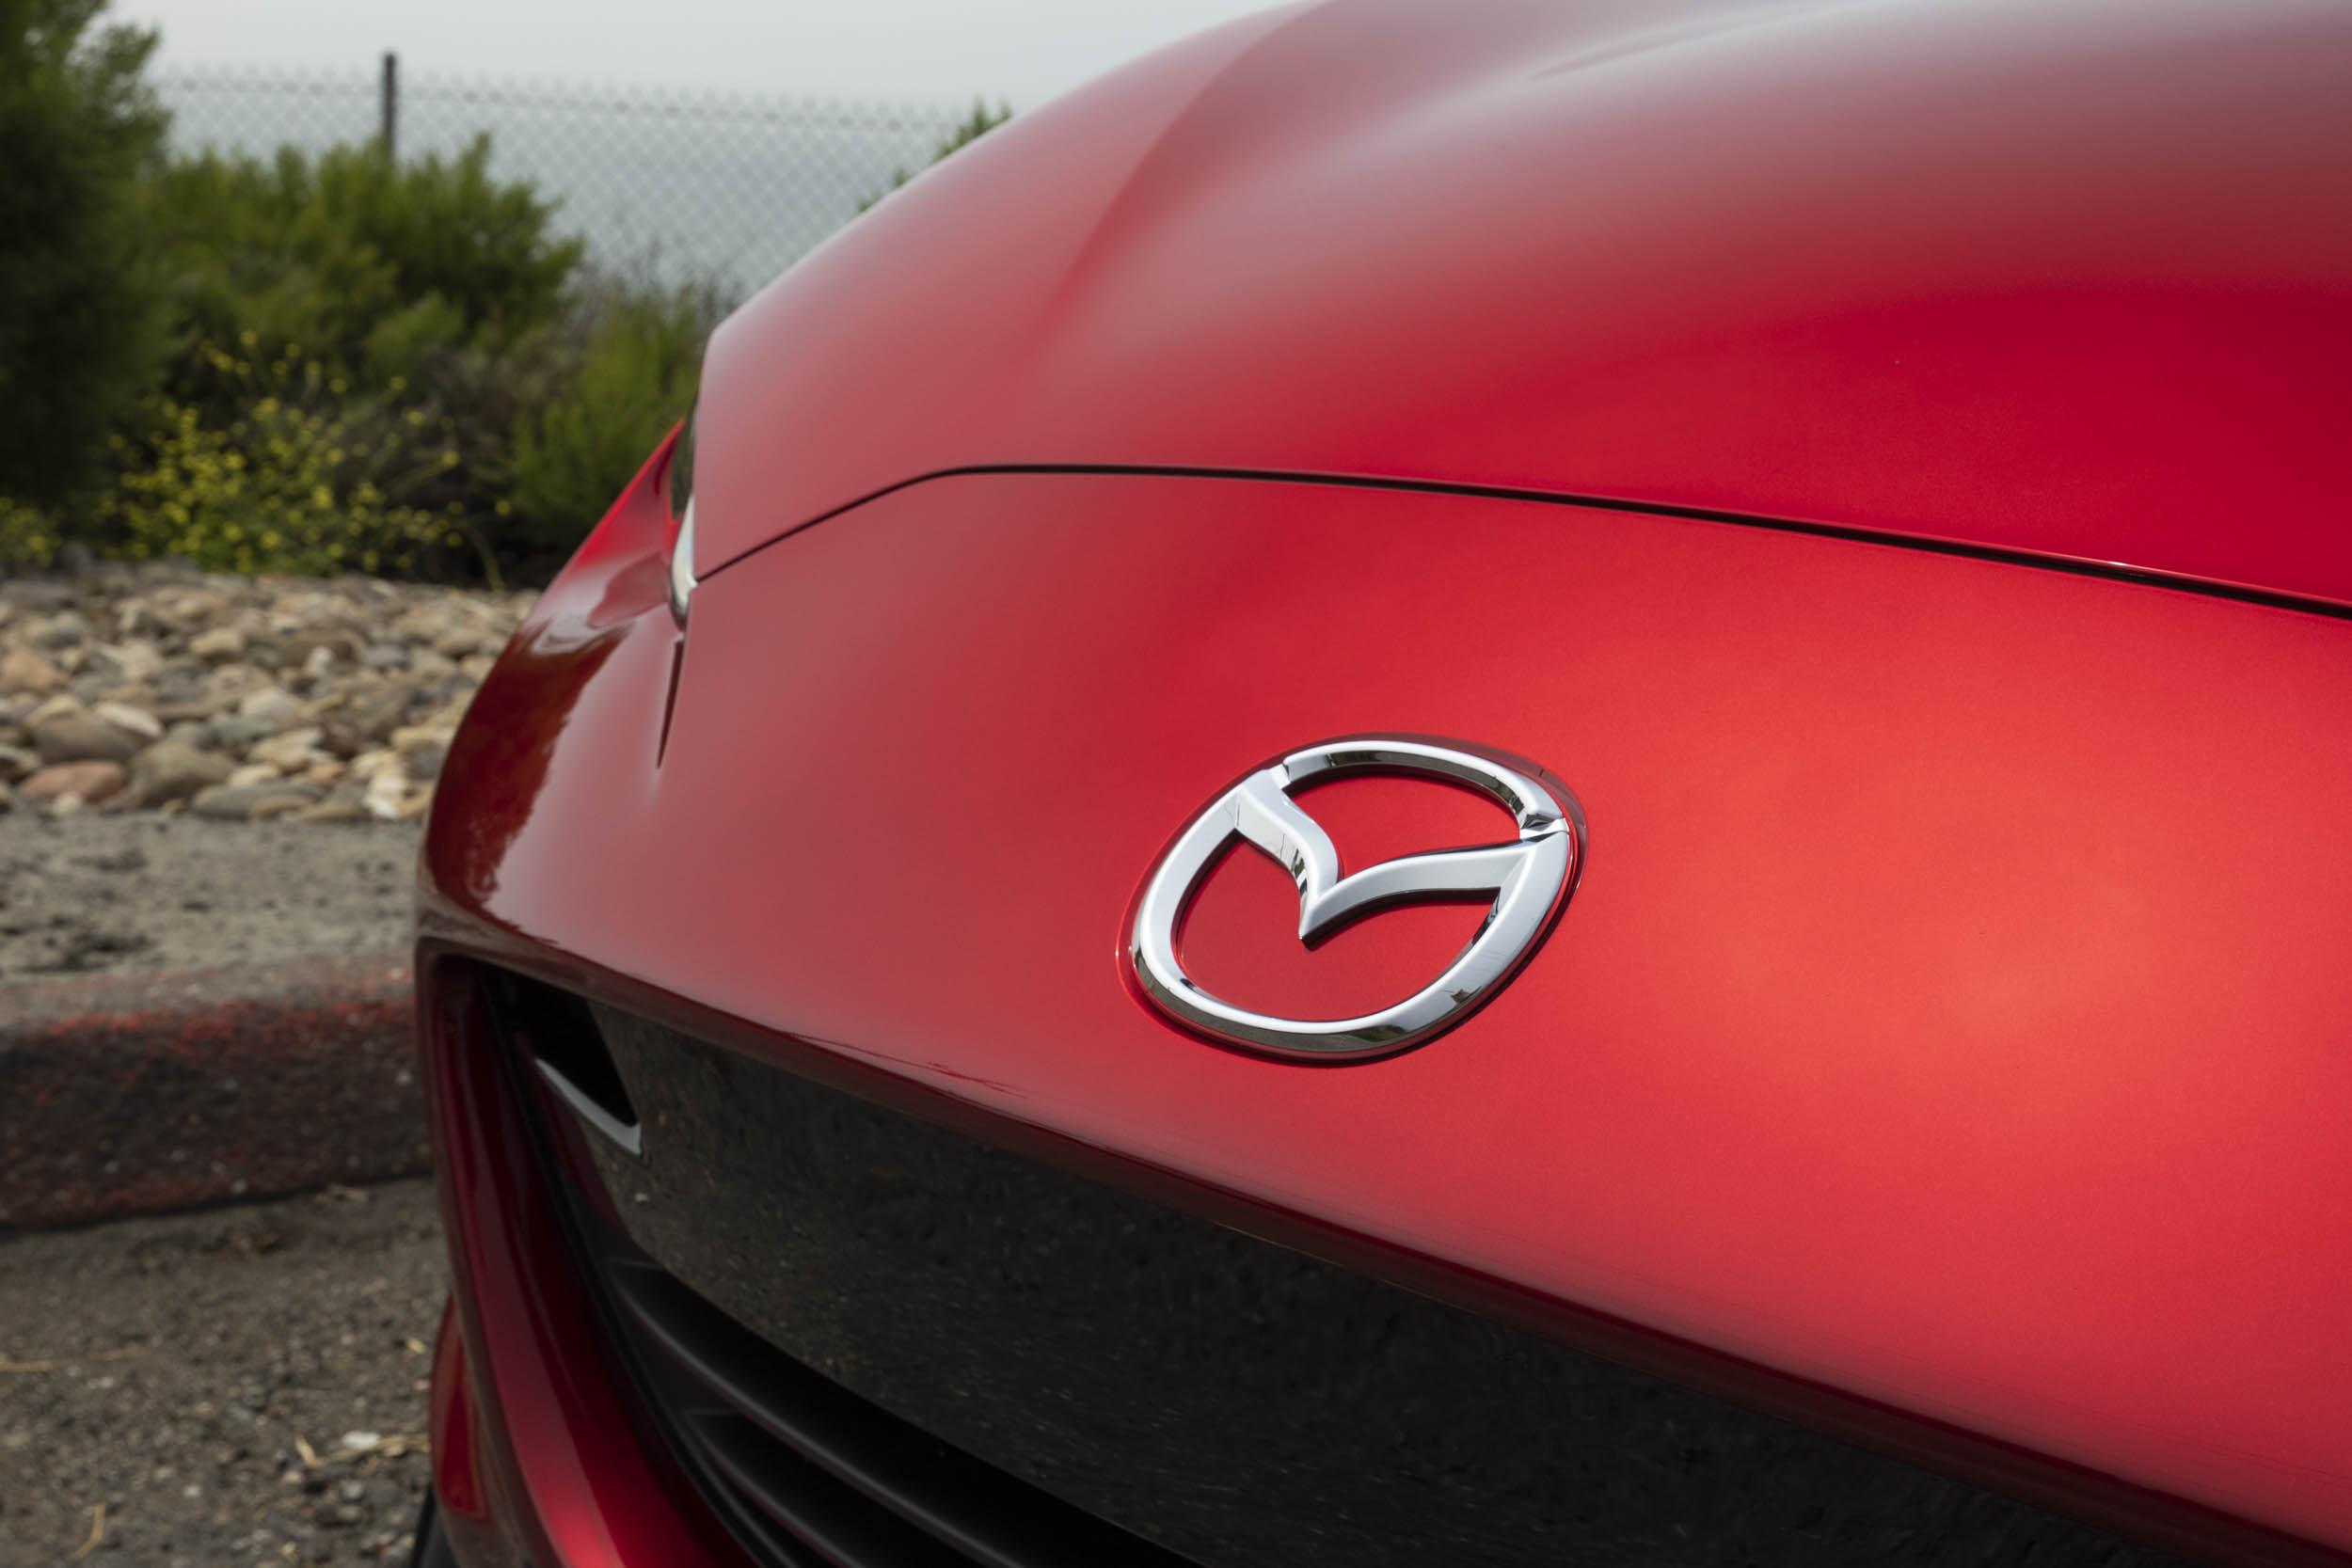 Mazda MX-5 Miata badge